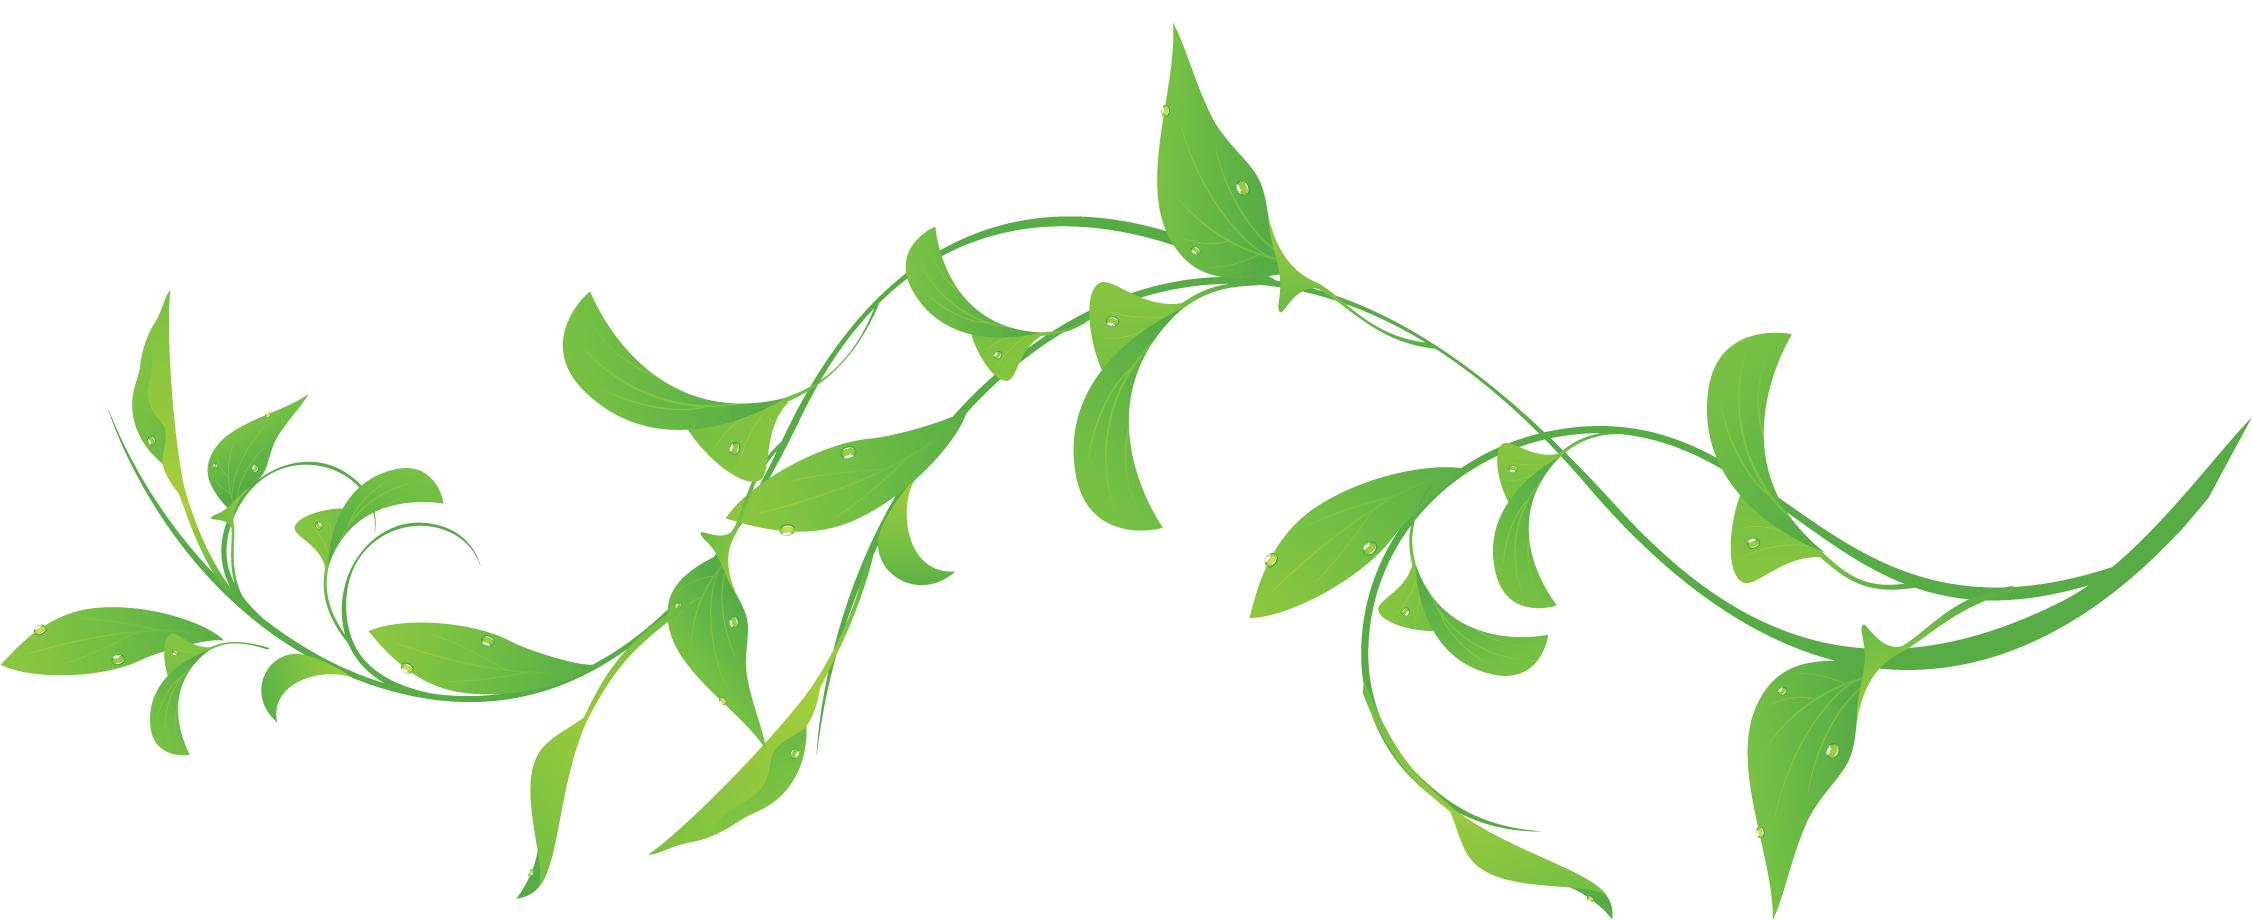 葉っぱ草木のイラストフリー素材フレーム枠no074緑葉水滴